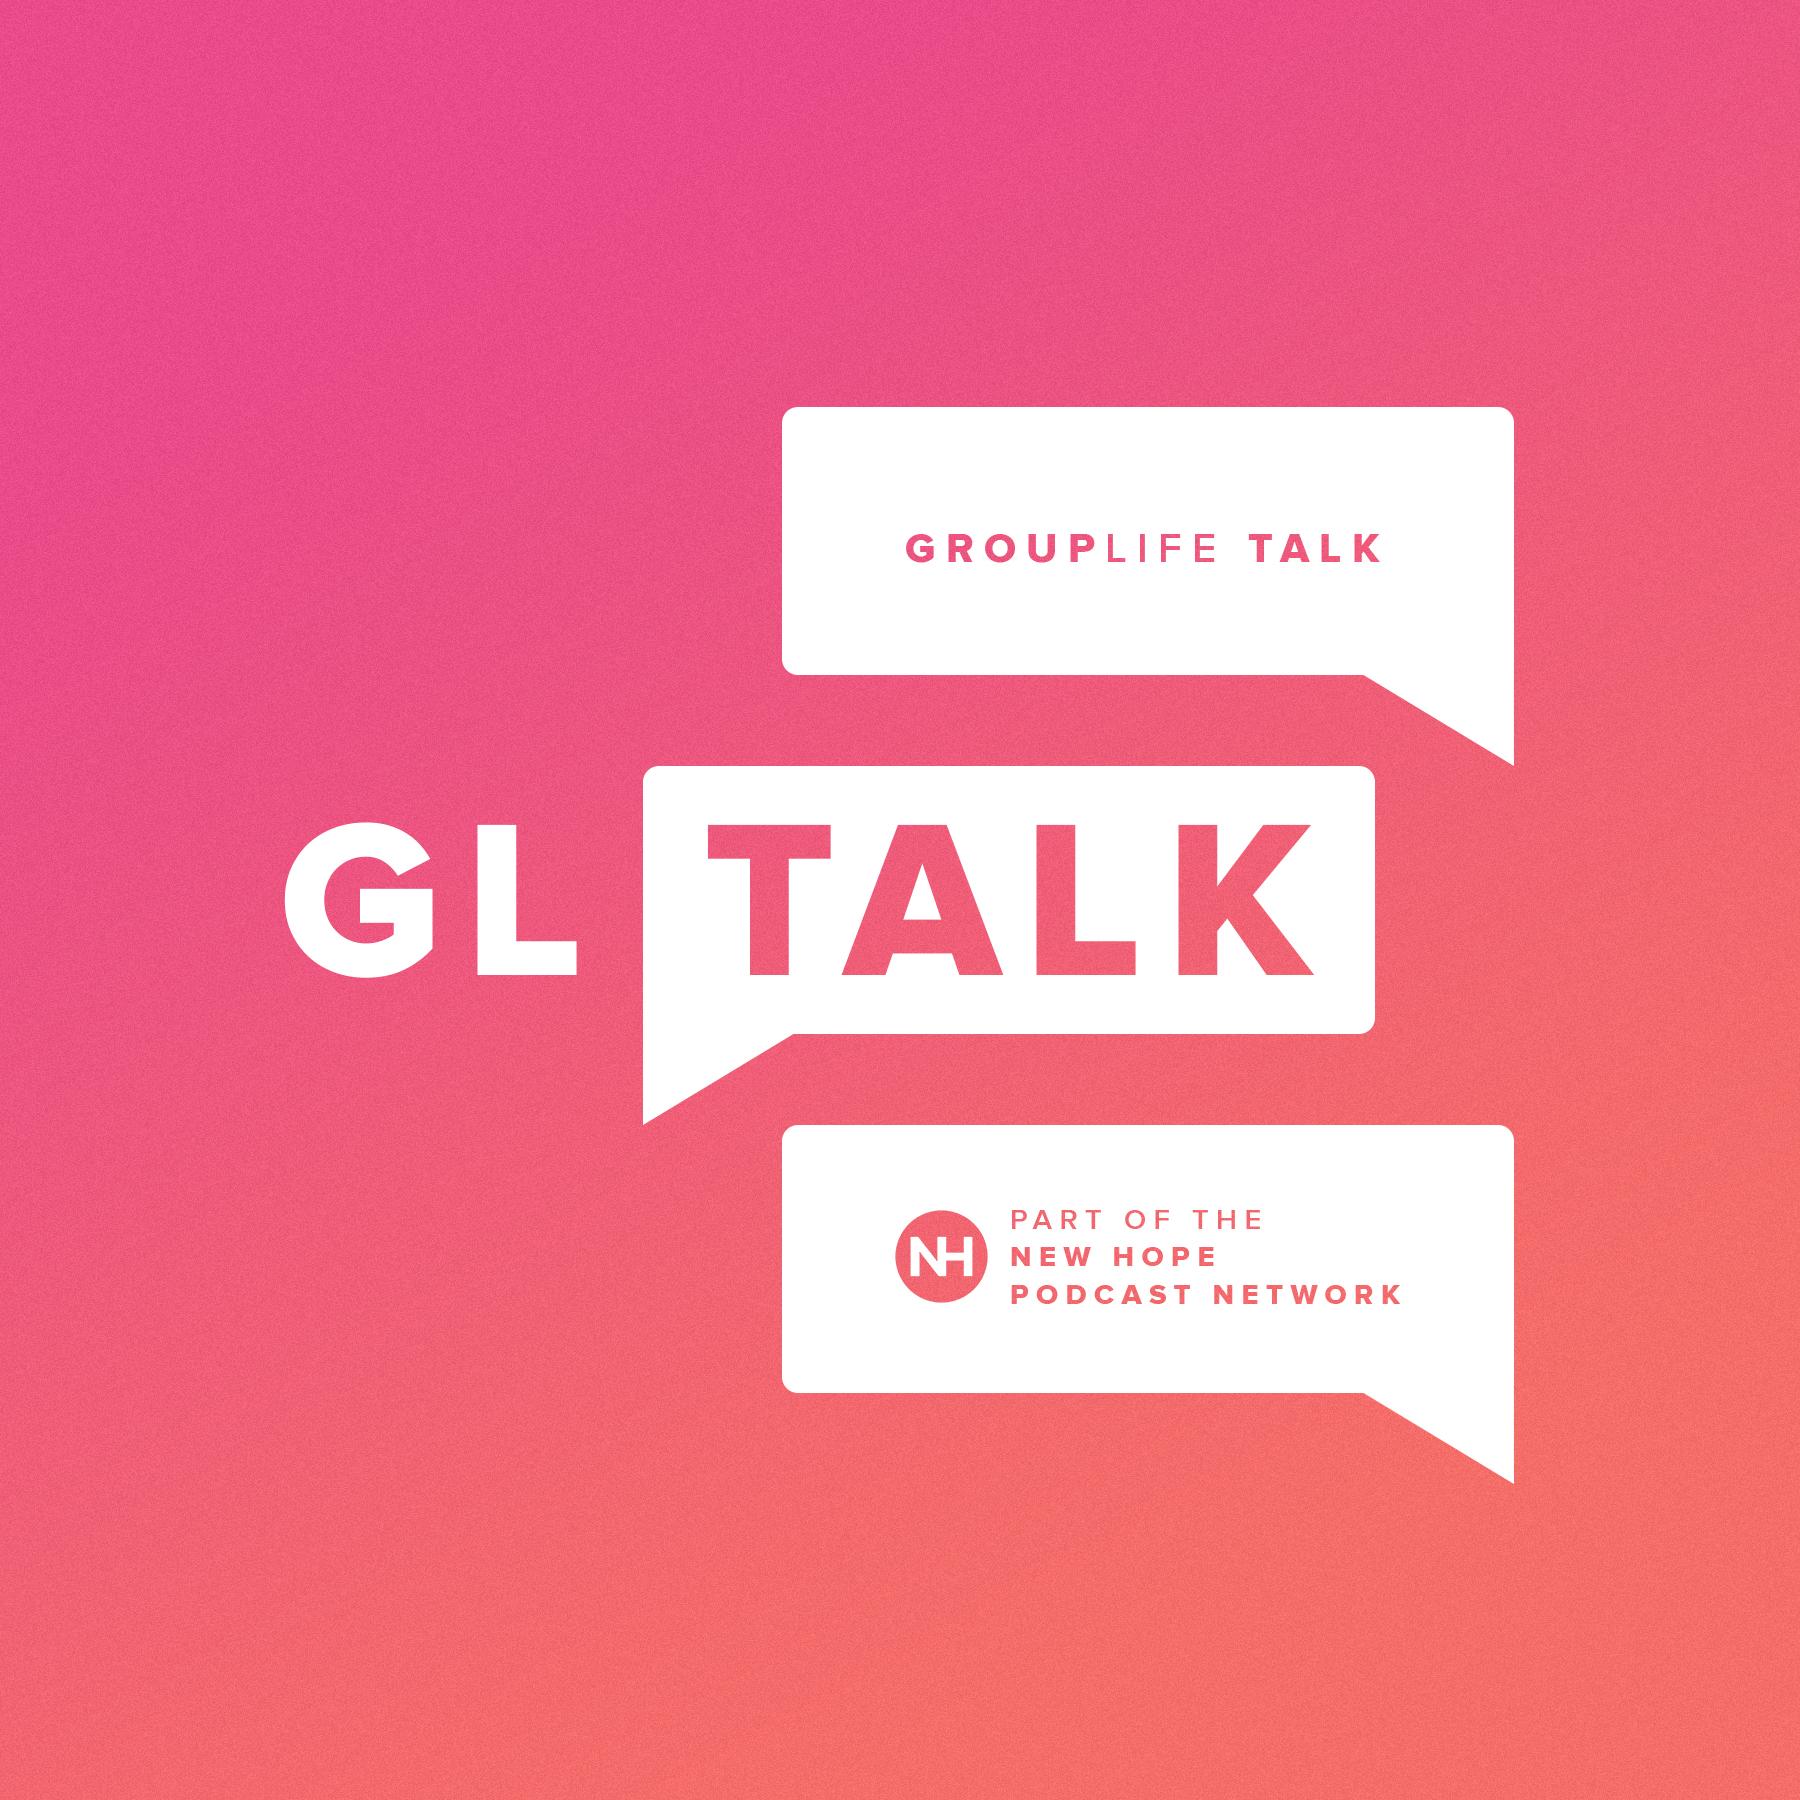 gl-talk-podcast.jpg